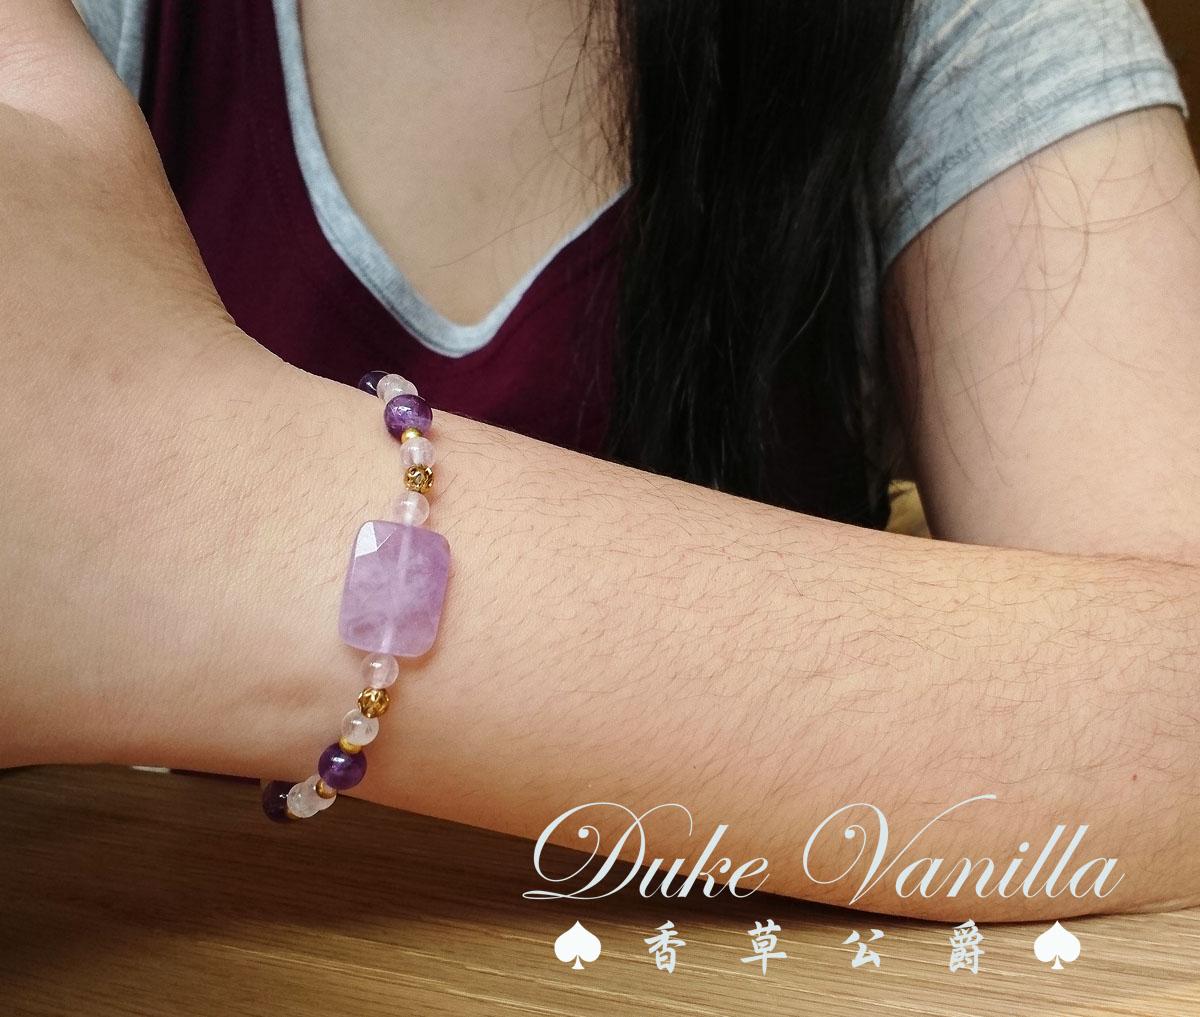 長方型紫晶粉晶金珠相間手環 - Duke Vanilla 香草公爵